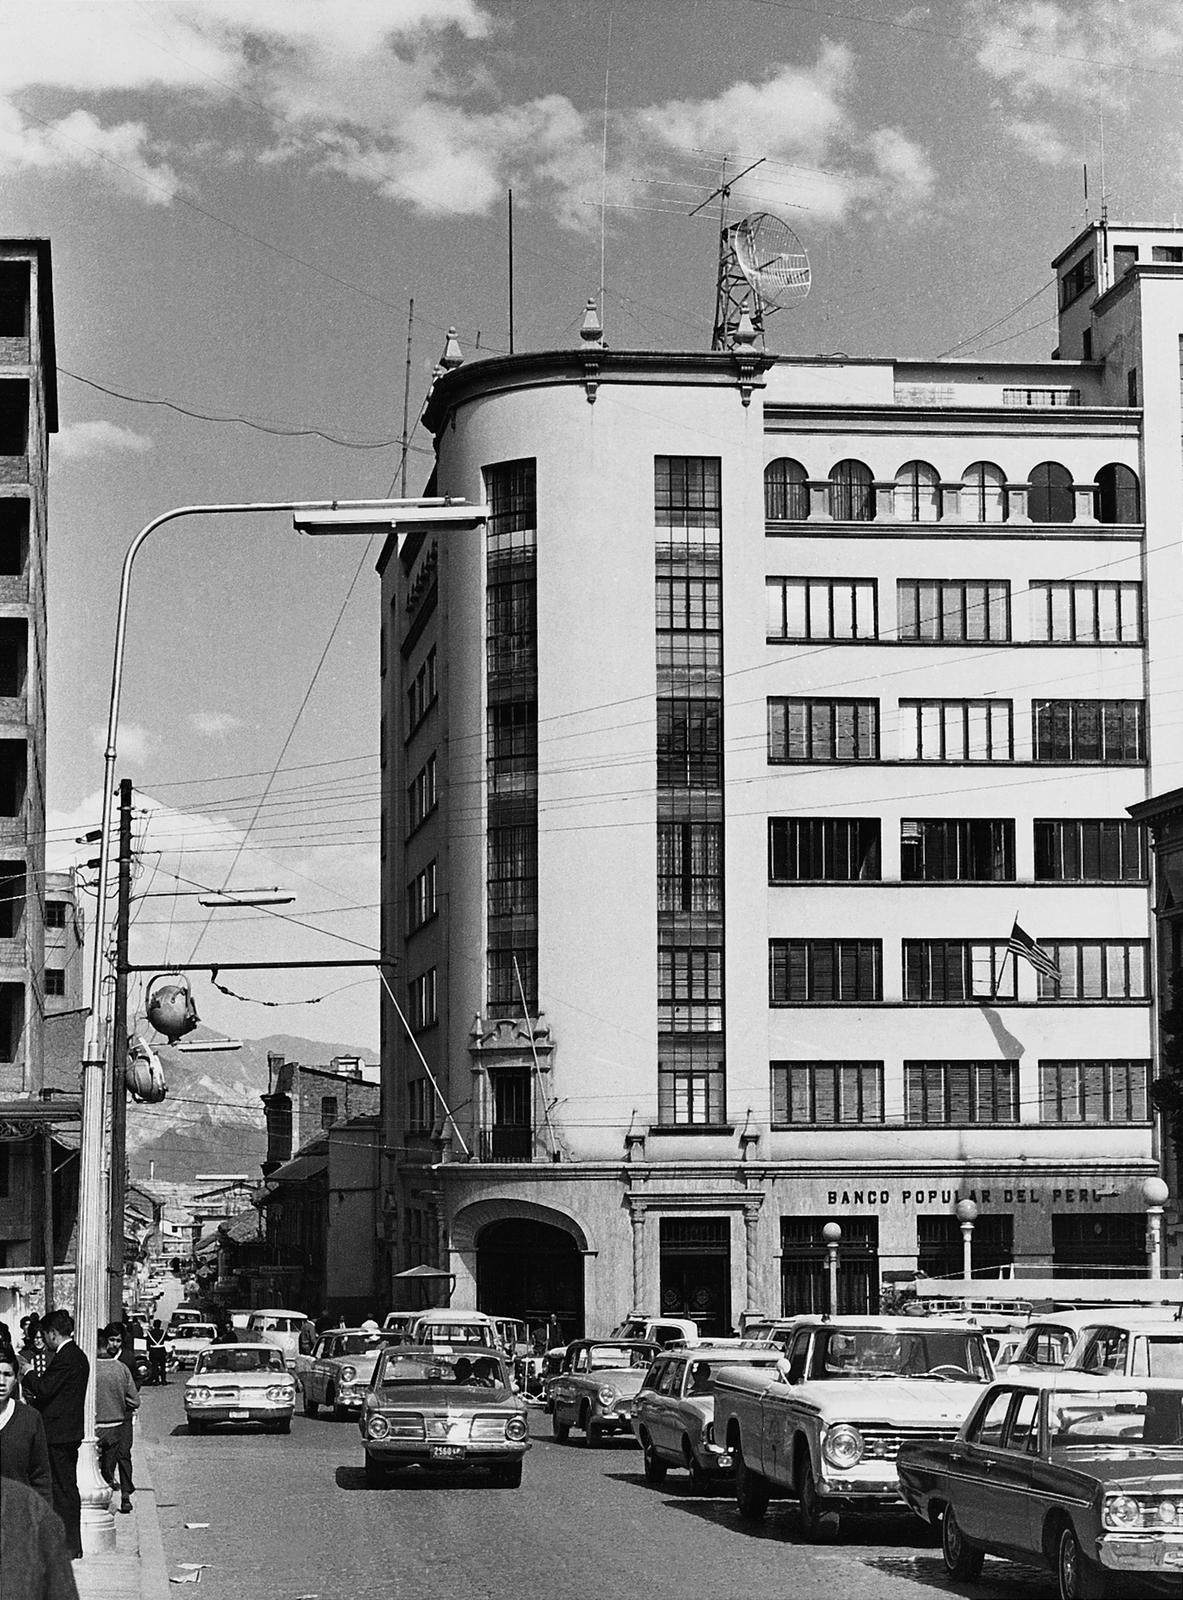 La Paz - Chancery Office Building - 1969